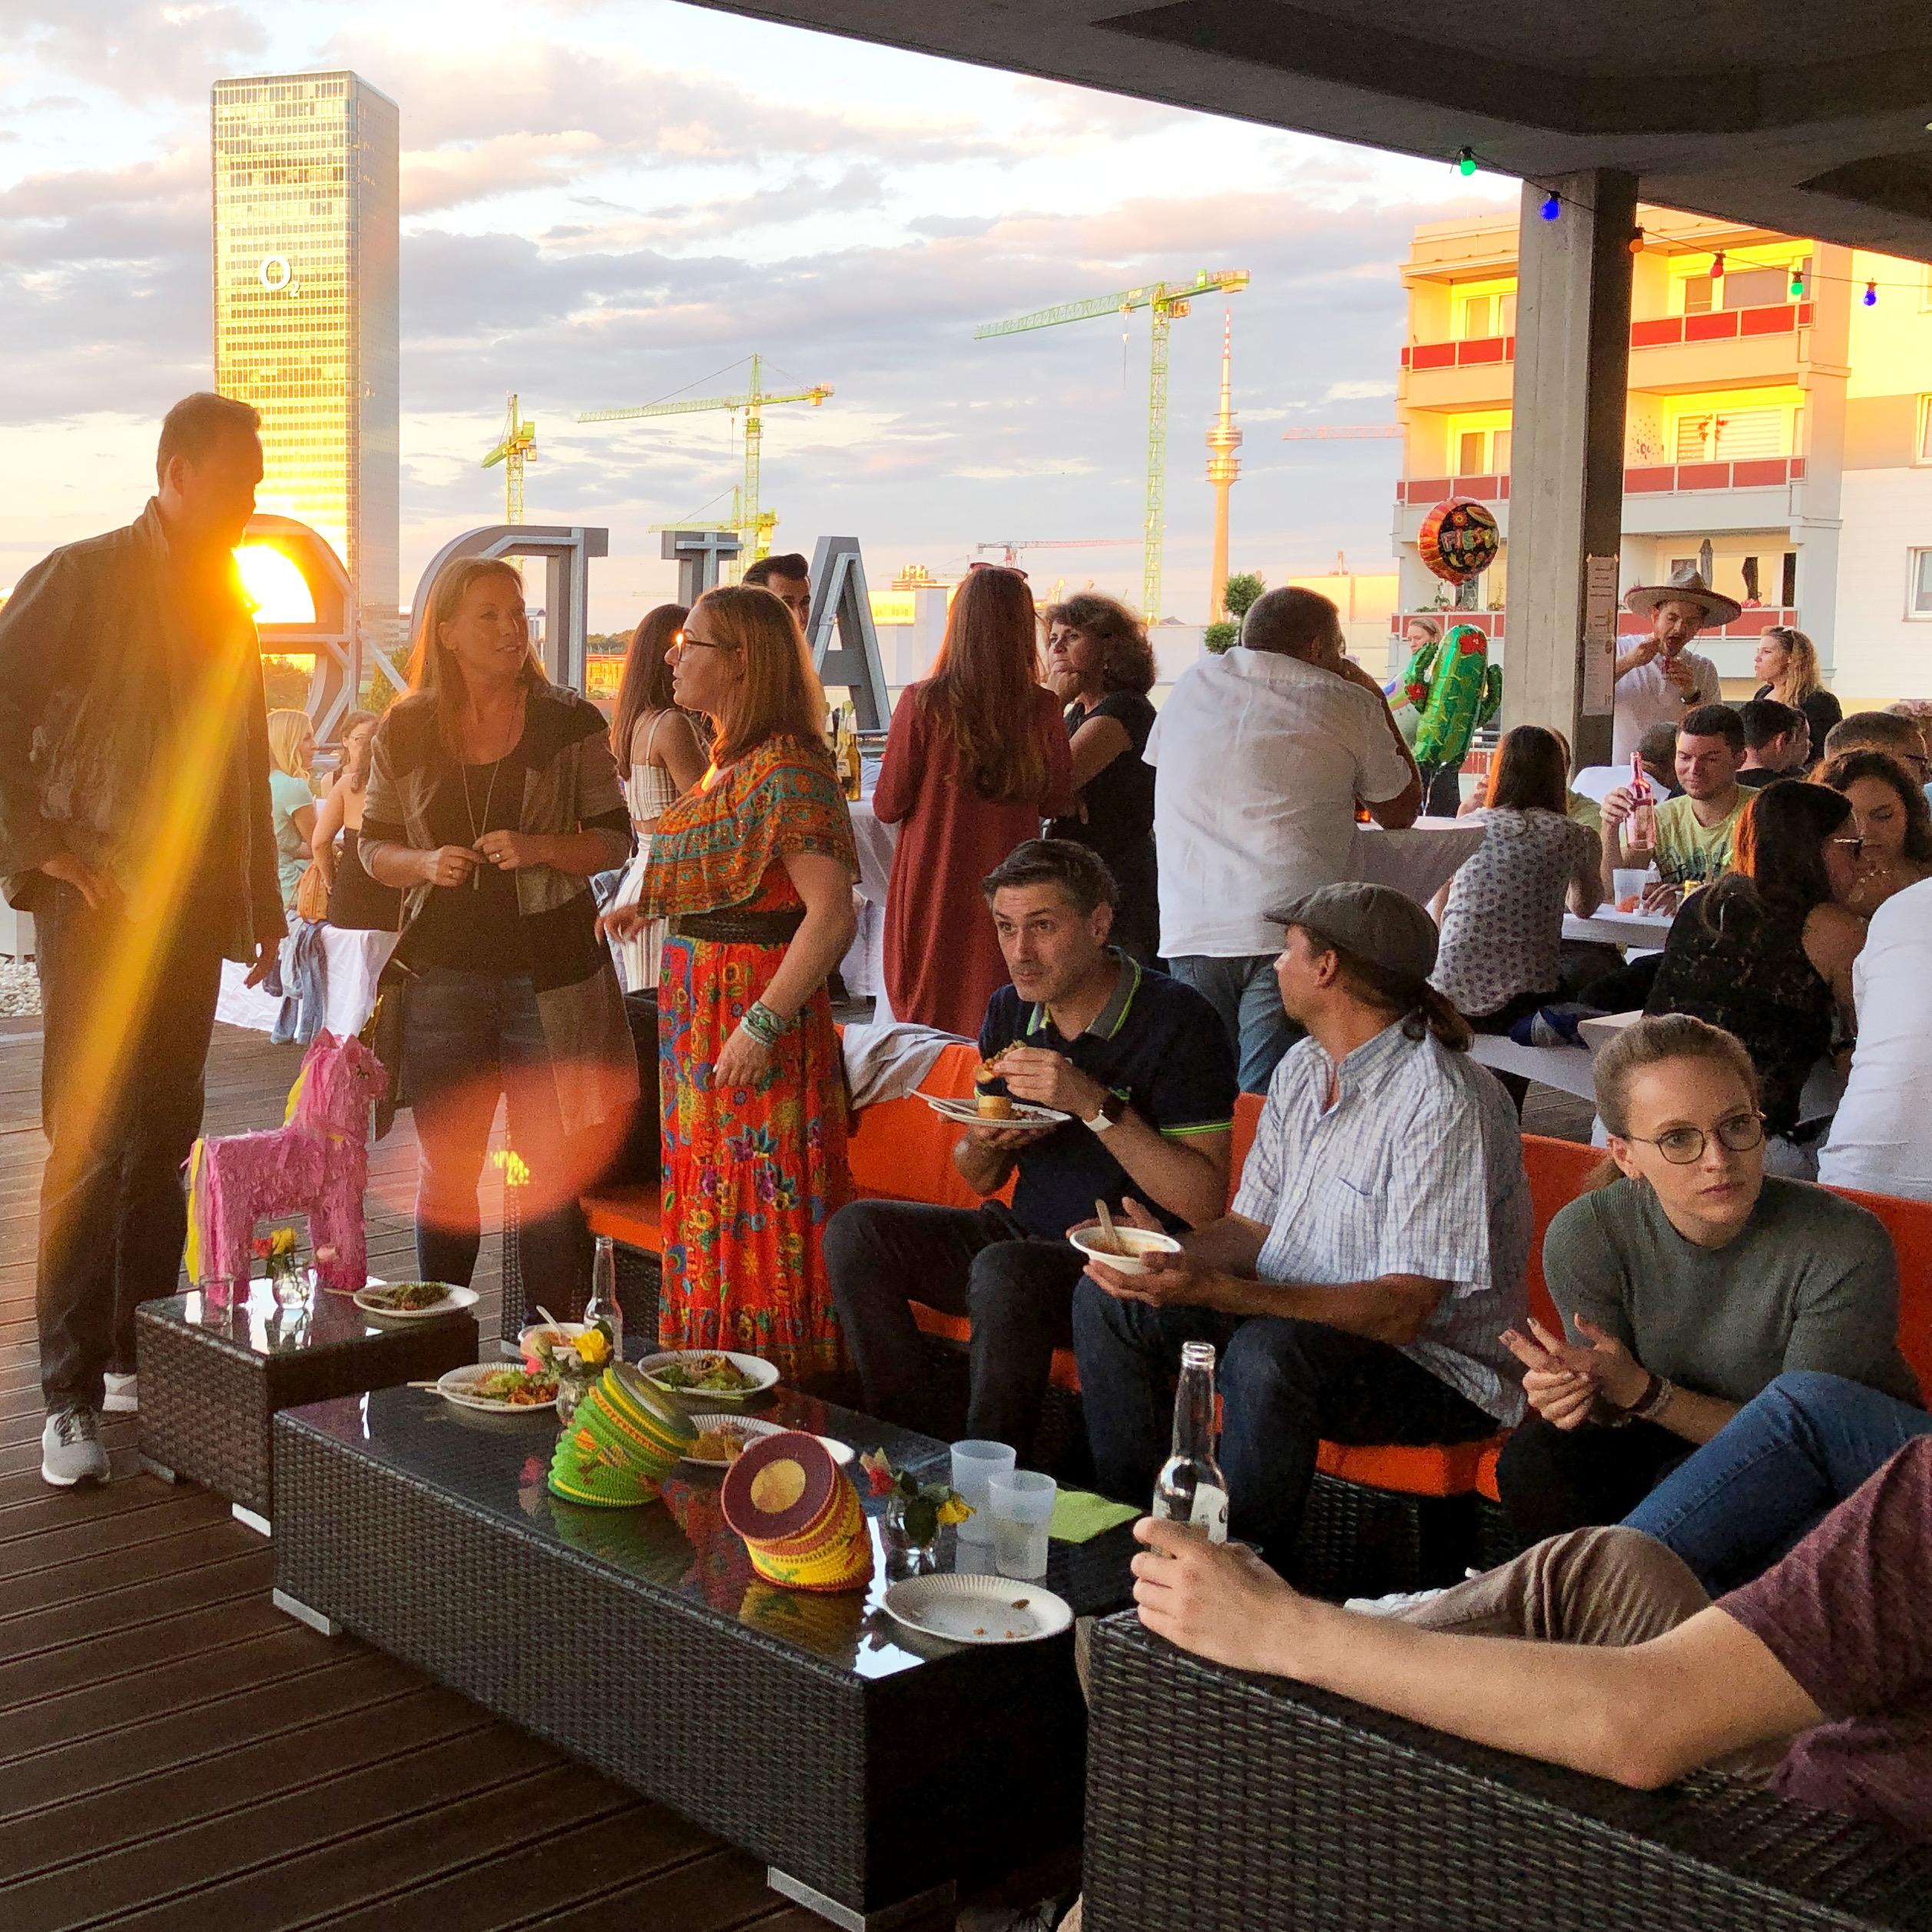 Sommer Fest 1 - Rooftop Fitness